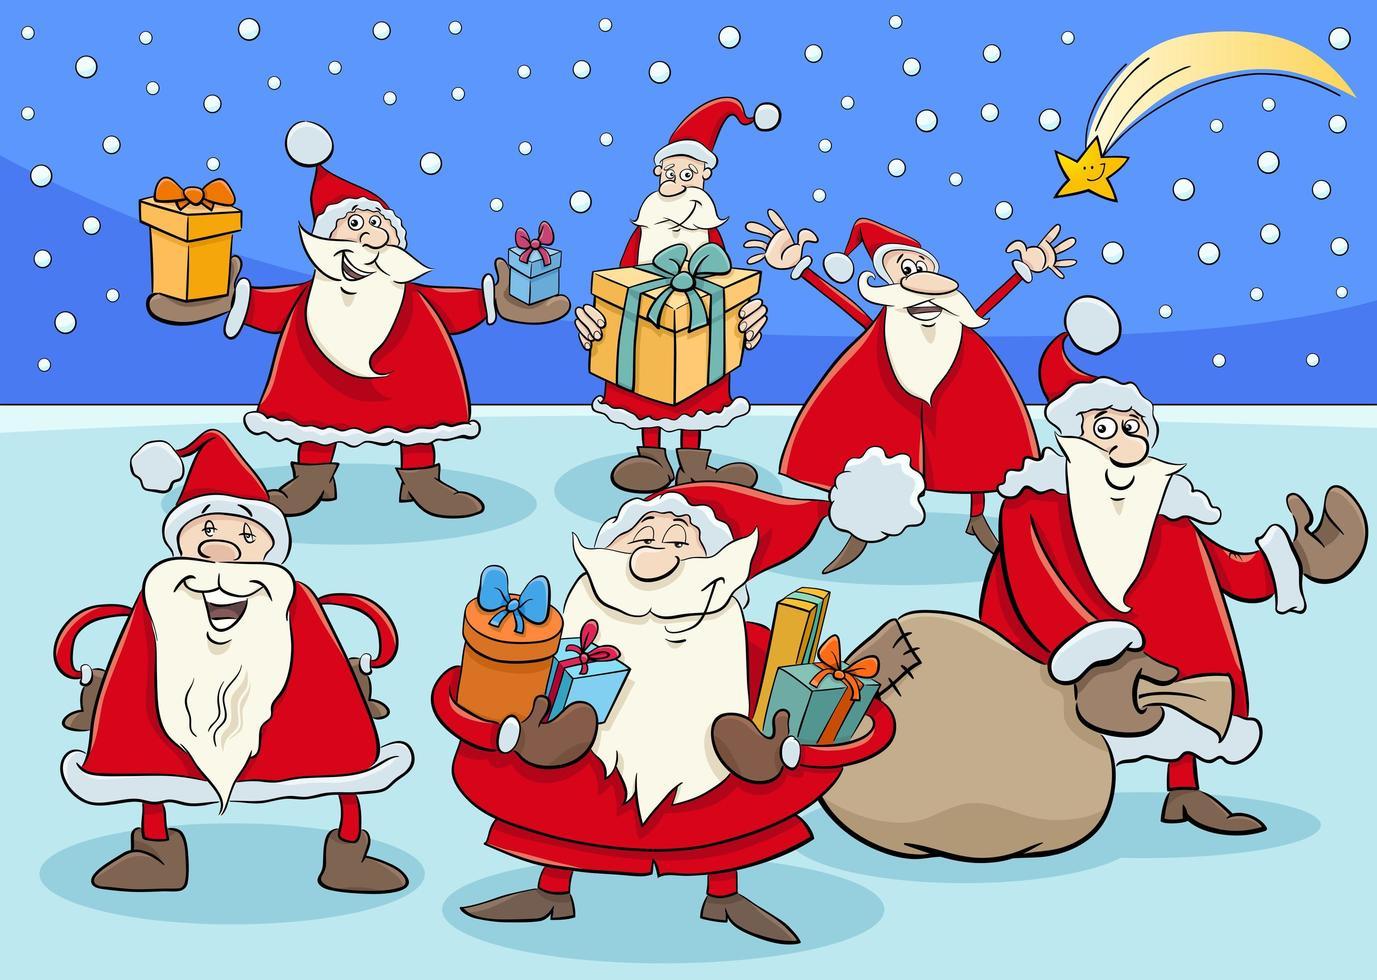 divertido grupo de personajes de santa claus en navidad vector